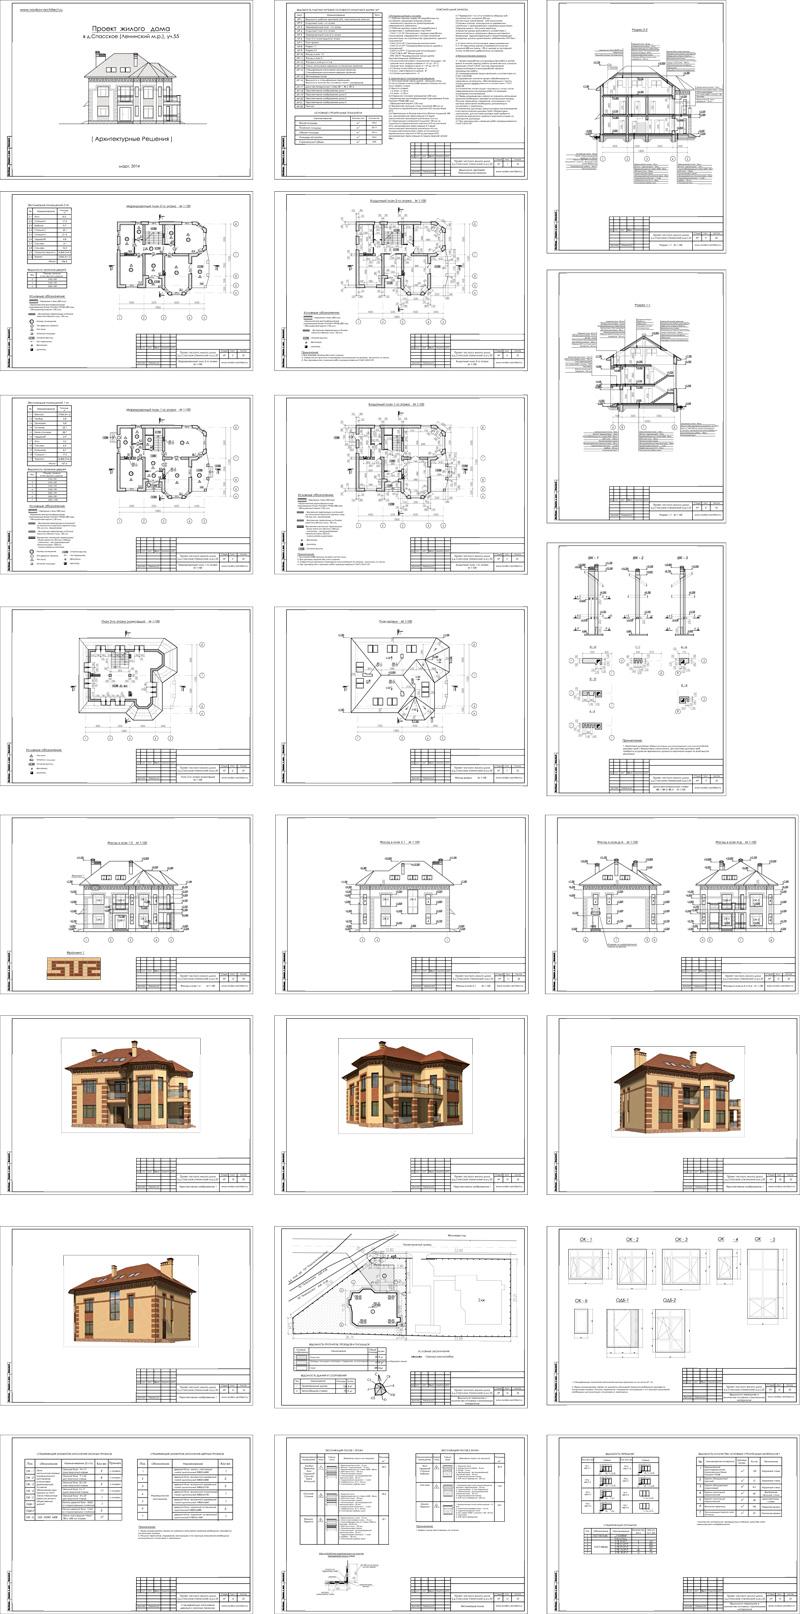 Архитектурное биеналле в москве